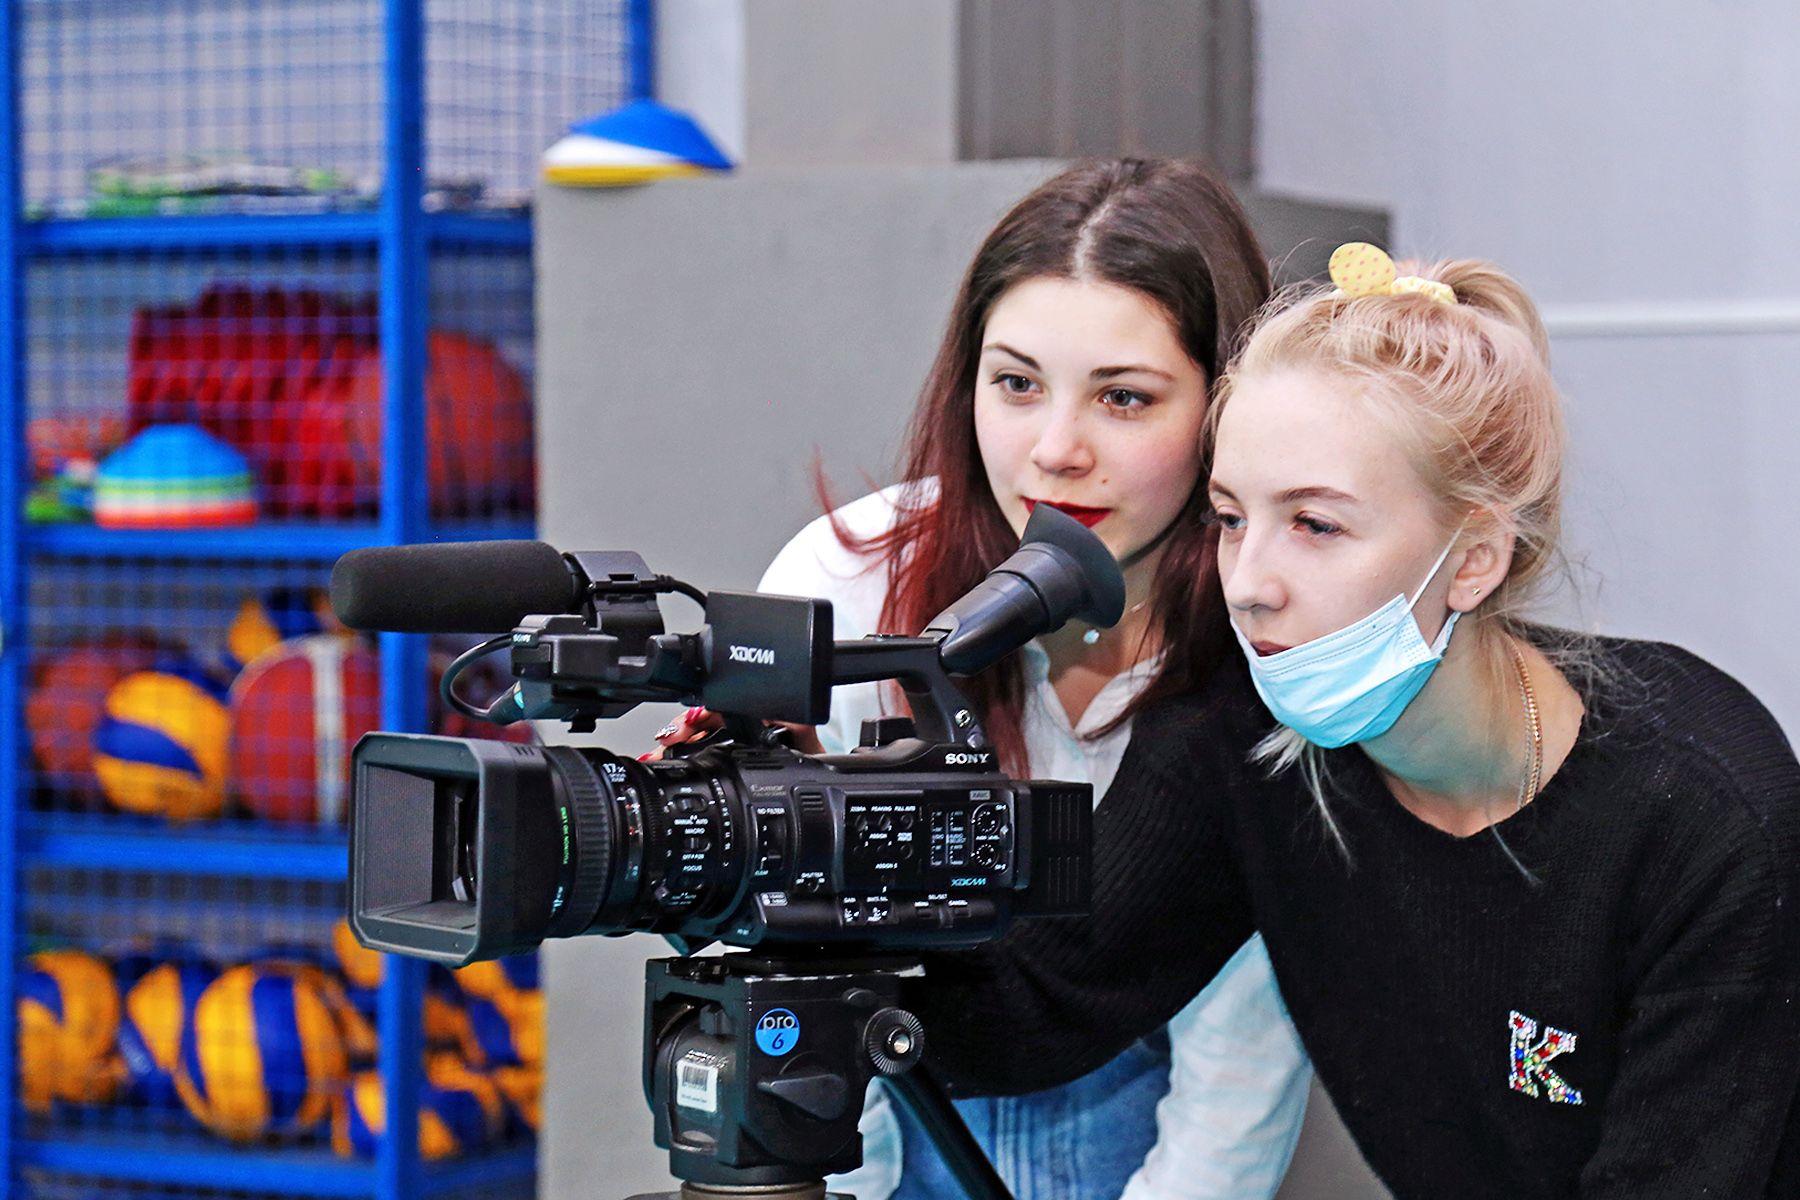 Победы в конкурсах, достопримечательности Москвы и лучшие профессиональные компьютерные программы в новом выпуске проекта ВГУЭС-LIFE